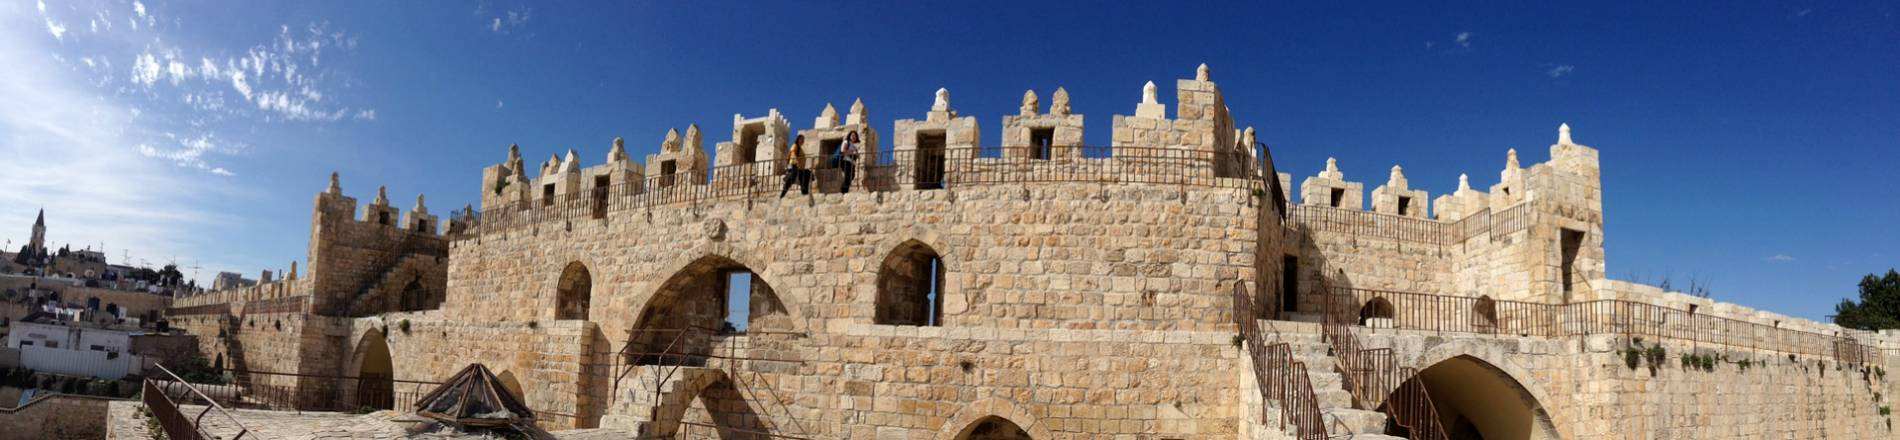 Arapska web mjesta za upoznavanje u Izraelu